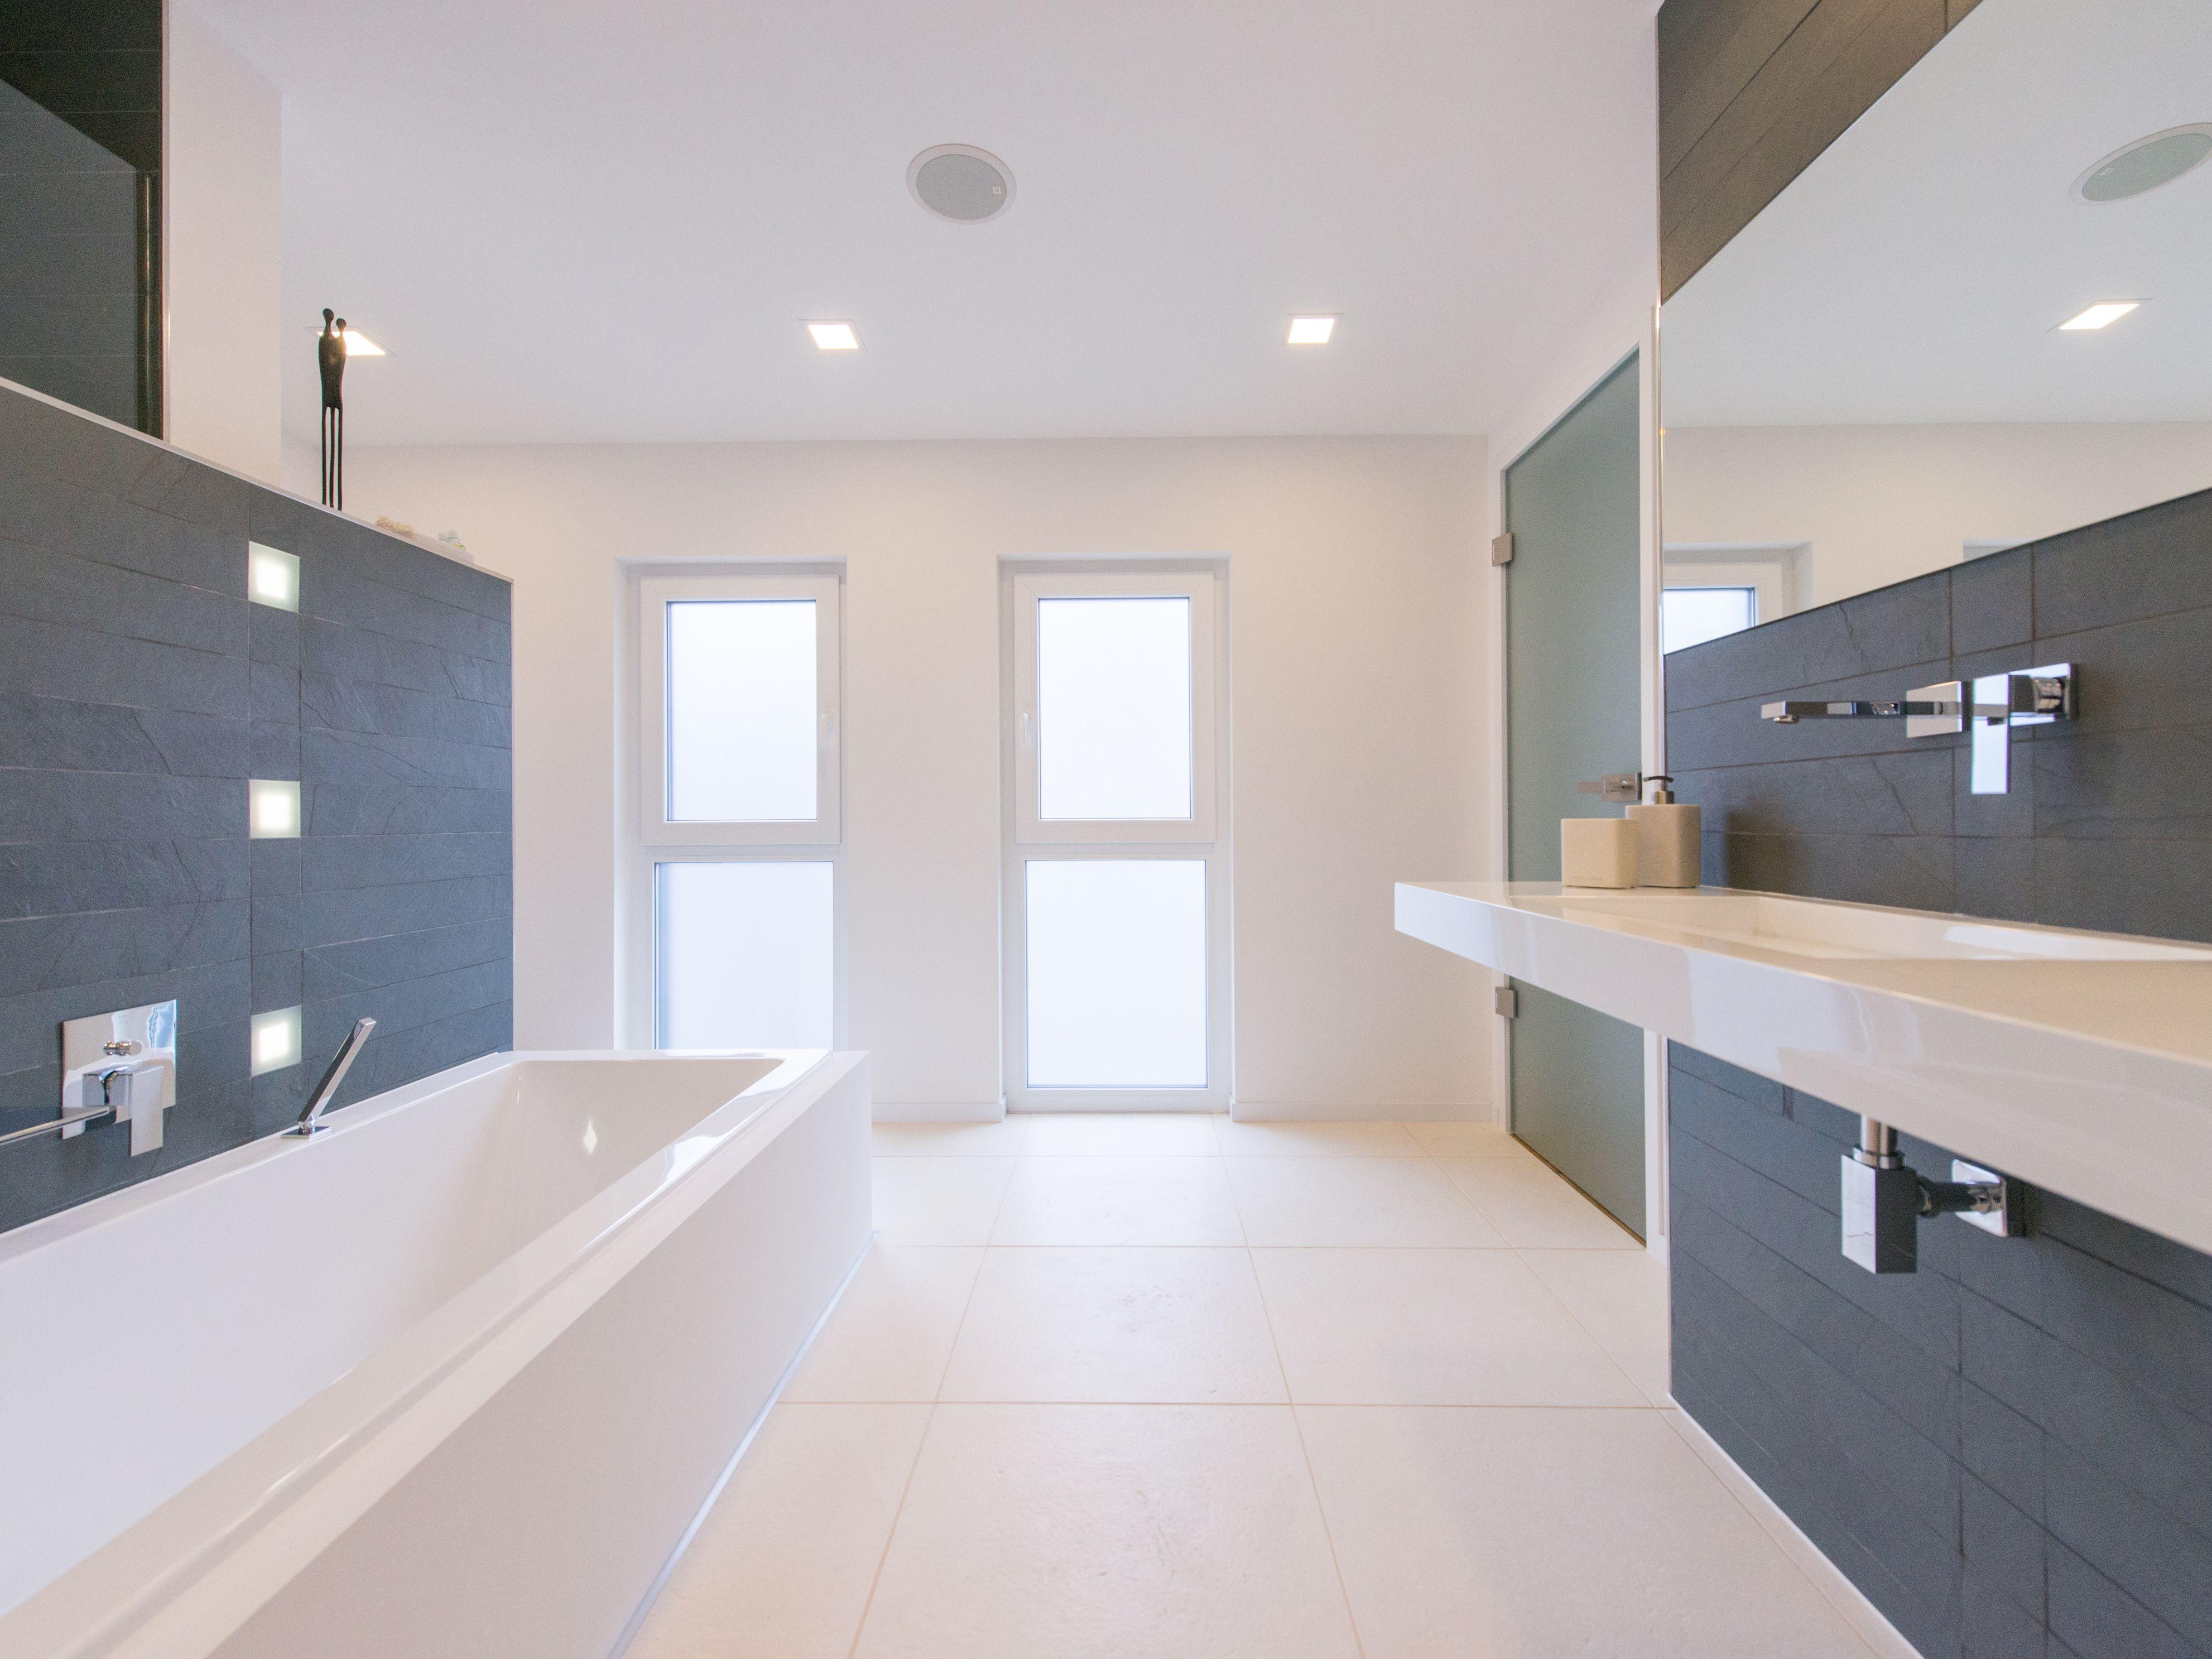 der helle boden unterstreicht das einladende ambiente des lichtdurchfluteten badezimmers. Black Bedroom Furniture Sets. Home Design Ideas